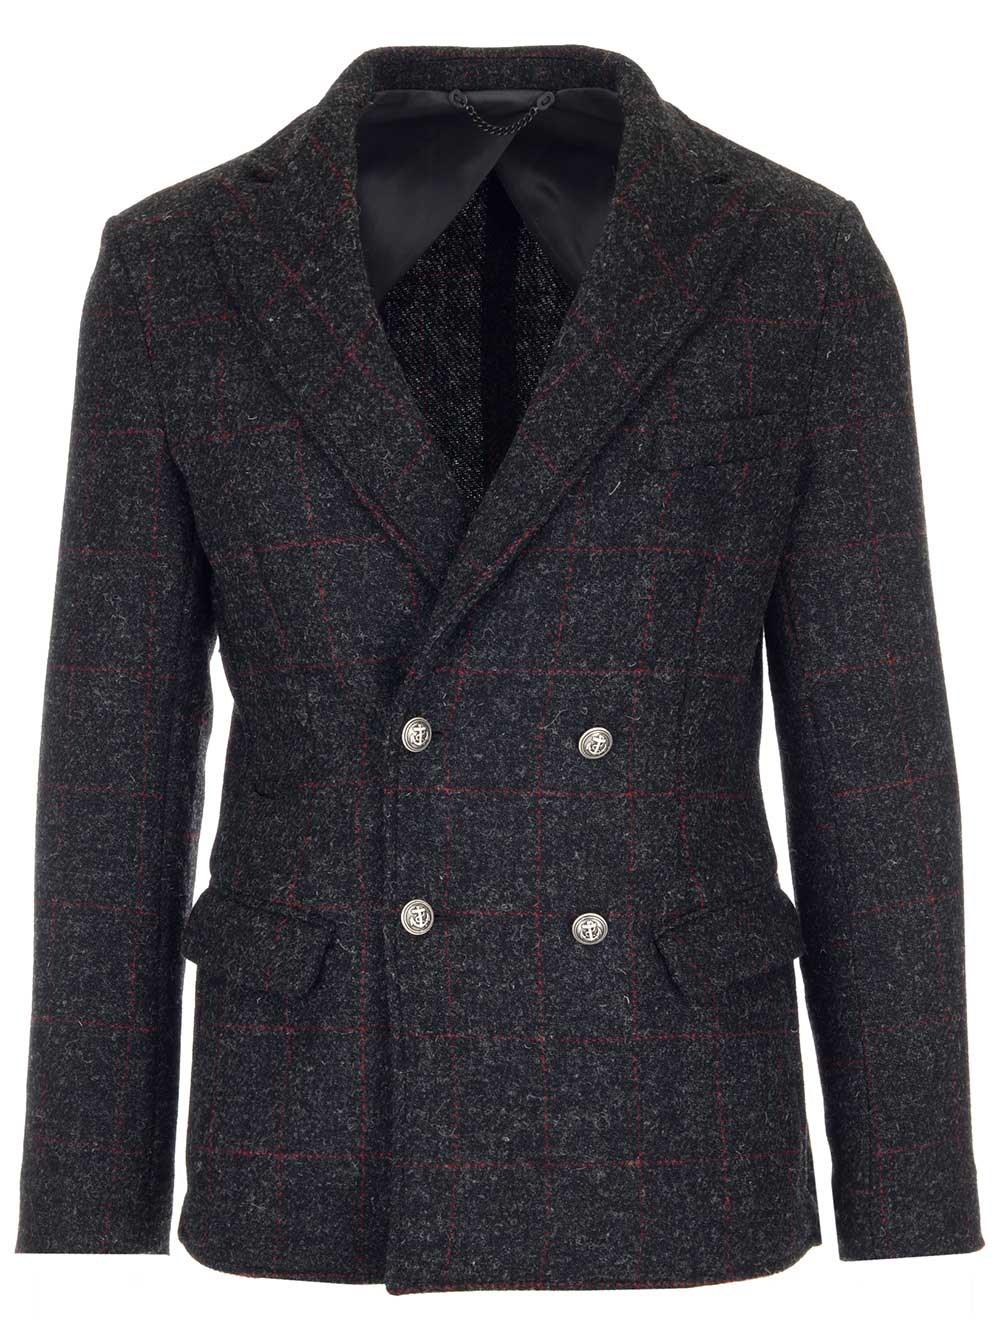 AL DUCA D'AOSTA 1902 Grey Tweed Double Breasted Blazer.